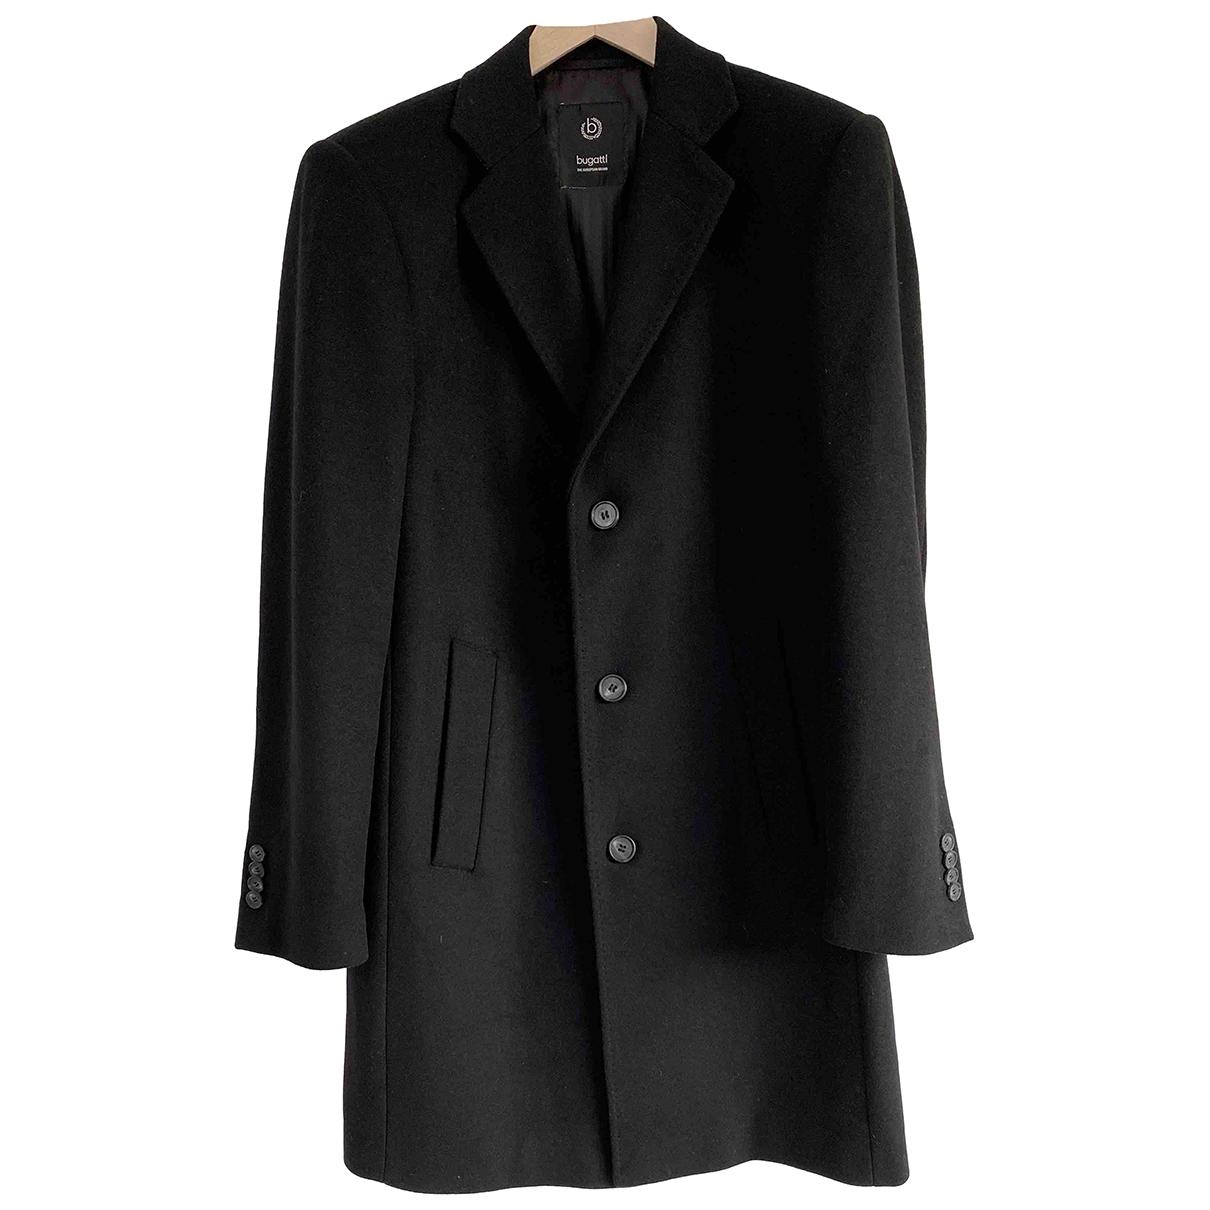 Bugatti - Vestes.Blousons   pour homme en laine - noir